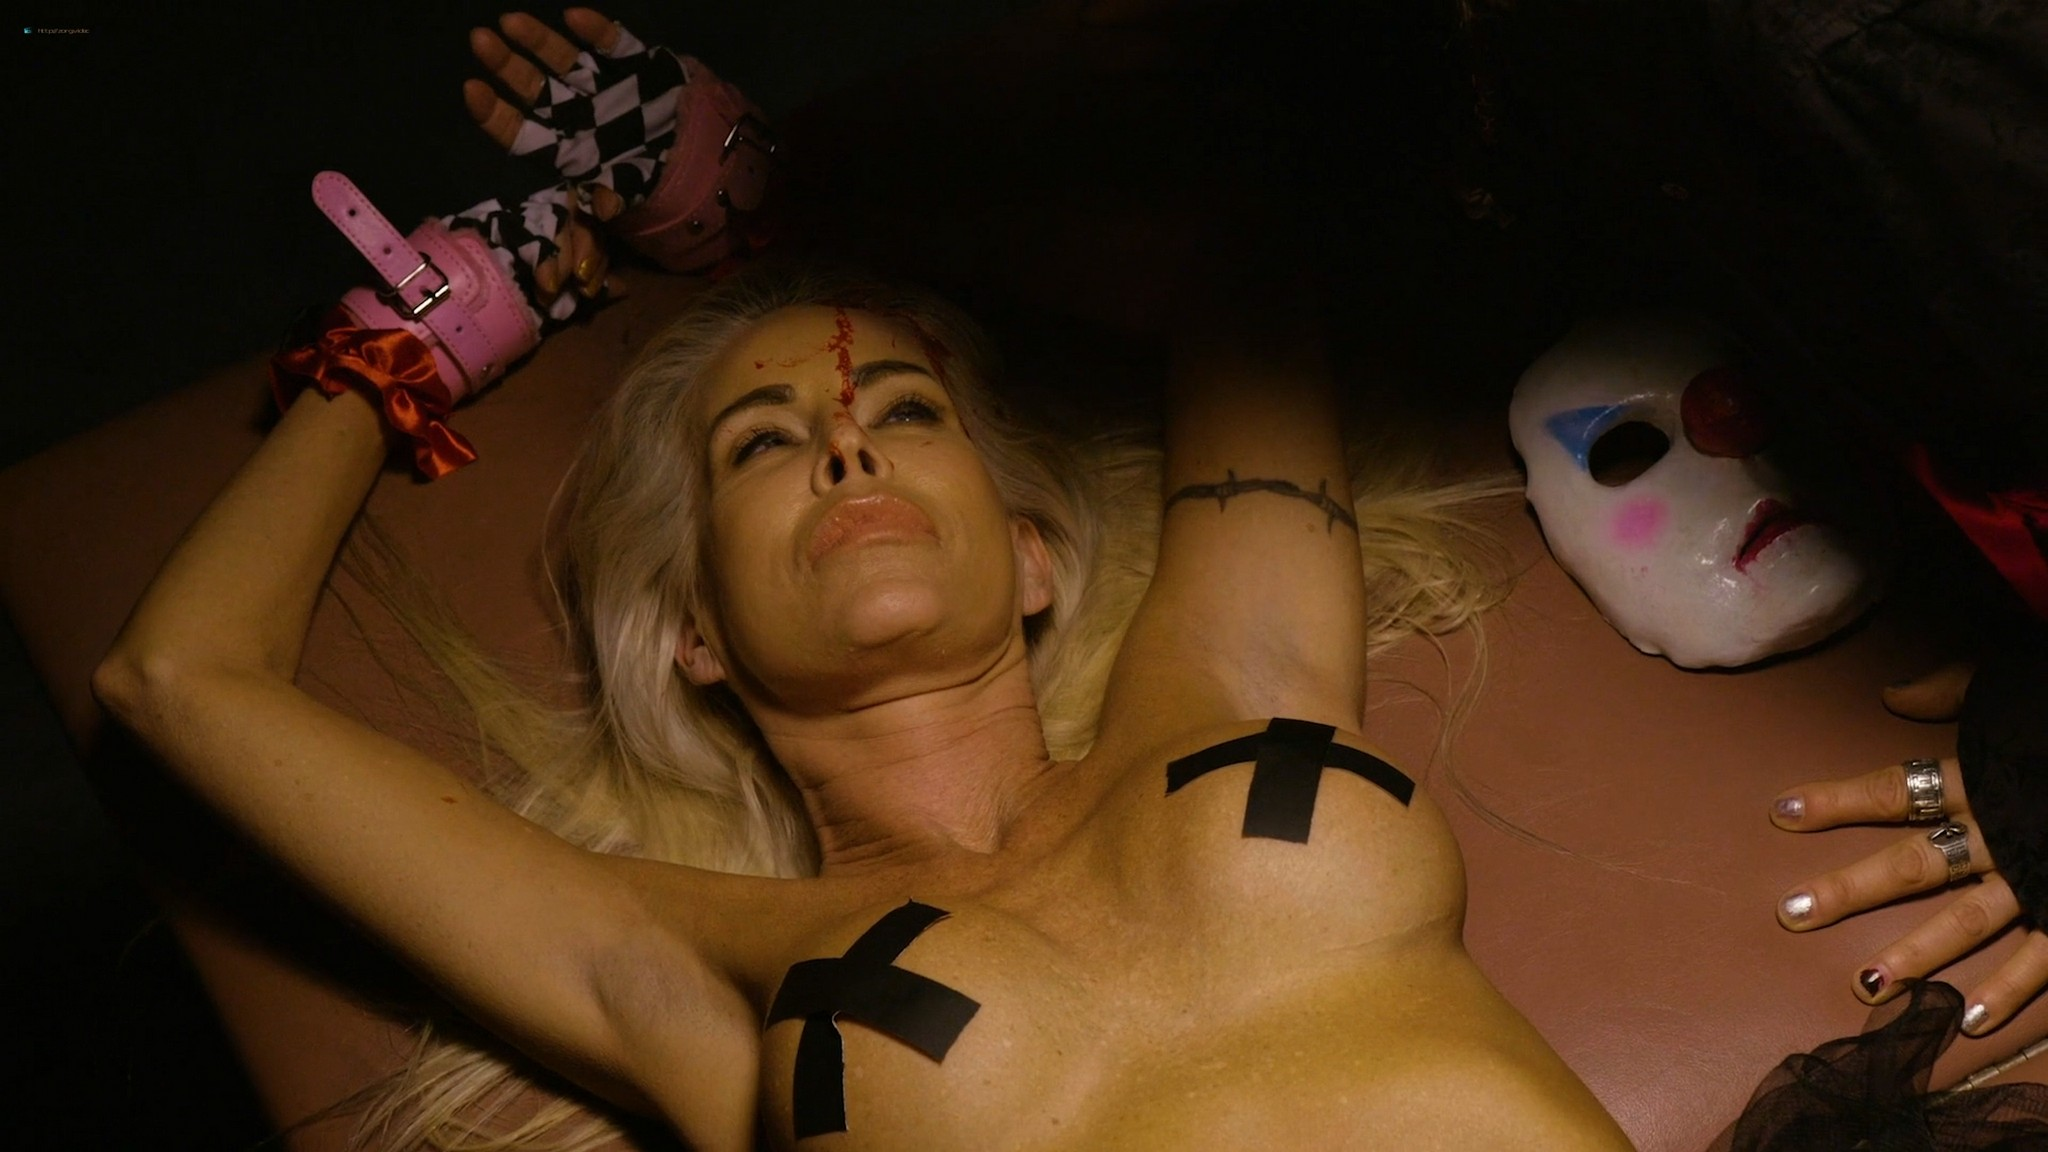 Dana Wolf nude Tabitha Stevens Devhorra Dark nude full frontal Die Influencers Die 2020 HD 1080p 007